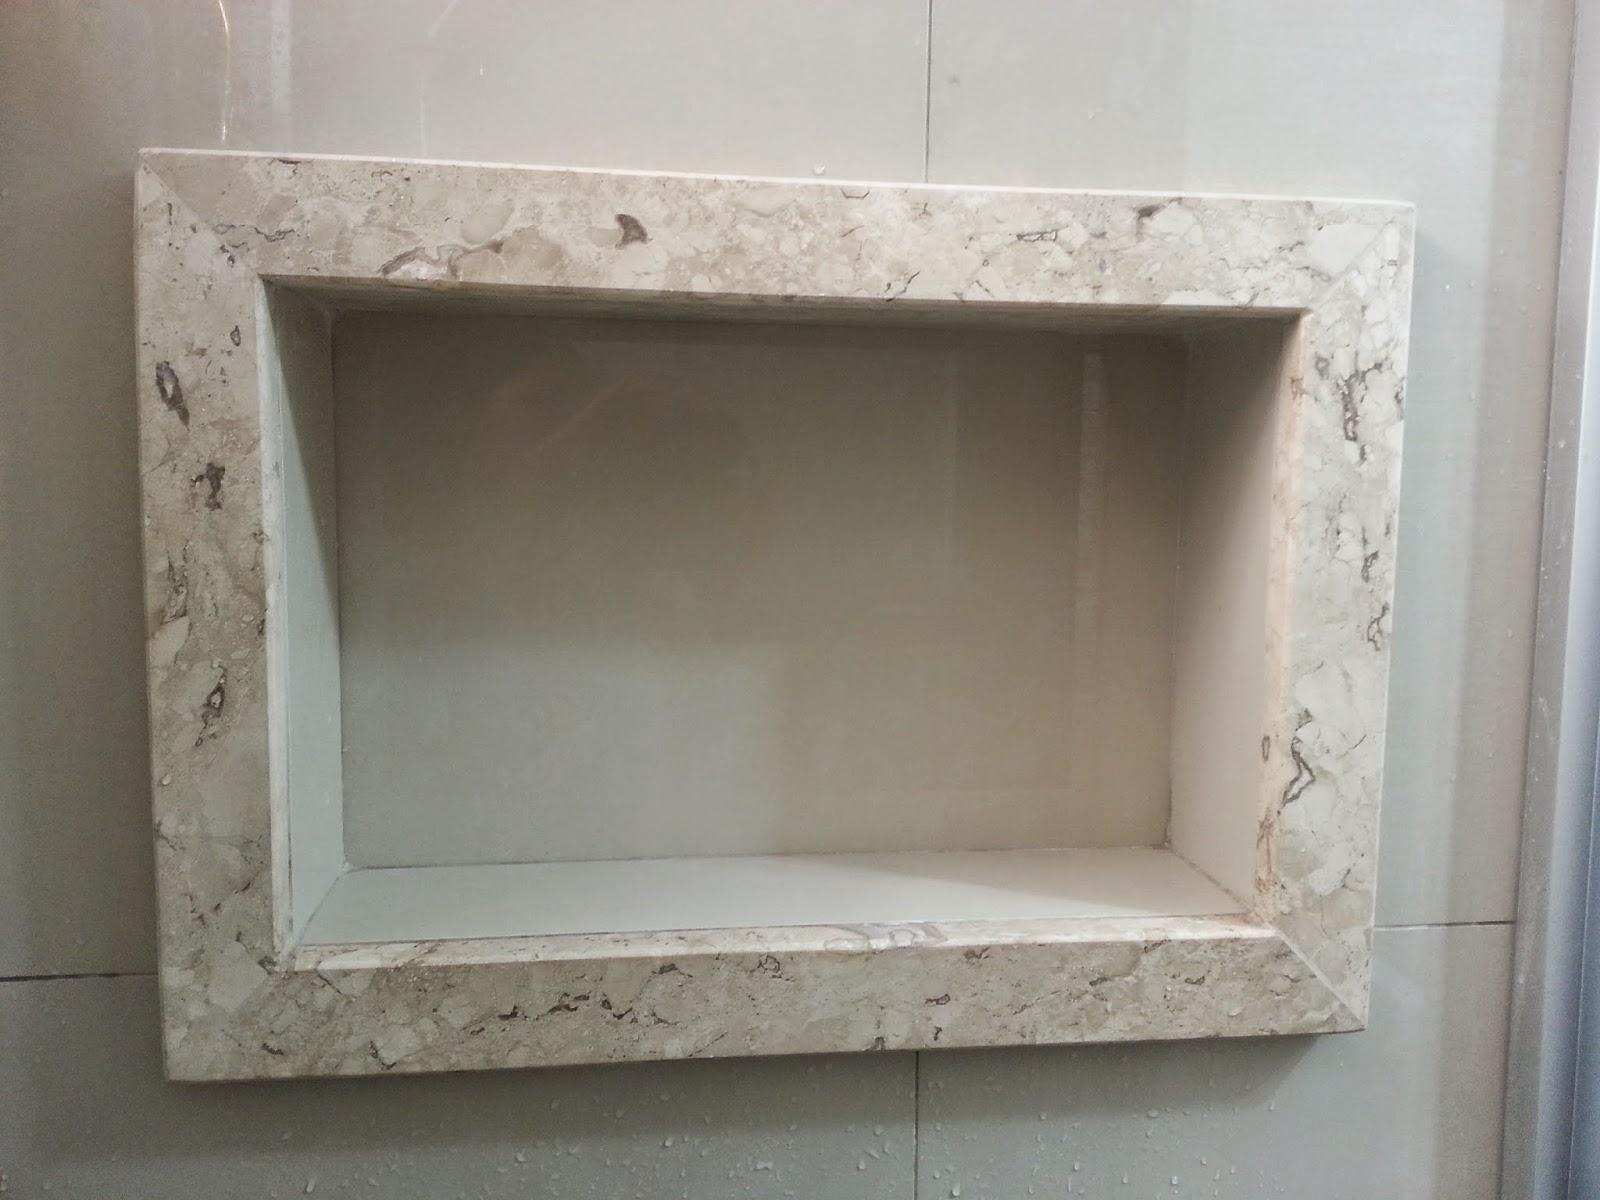 detalhes do NICHO do banheiro Meu novo Lar #4B4539 1600x1200 Banheiro Com Nicho Como Fazer